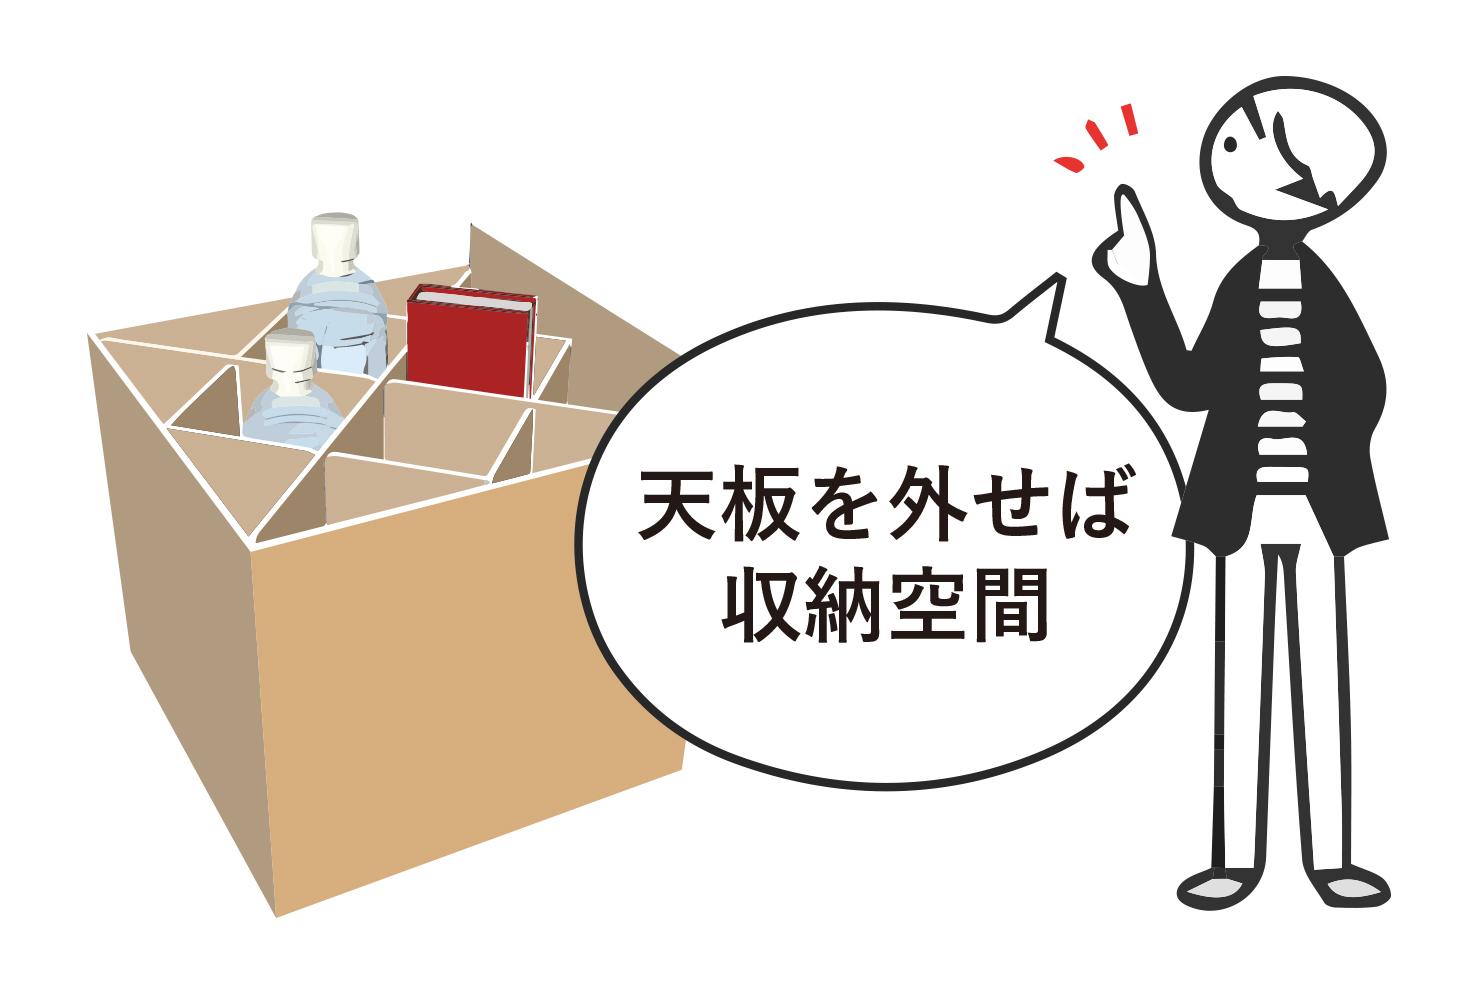 多機能な使い方!ベッドの中は 収納空間としても使えます!